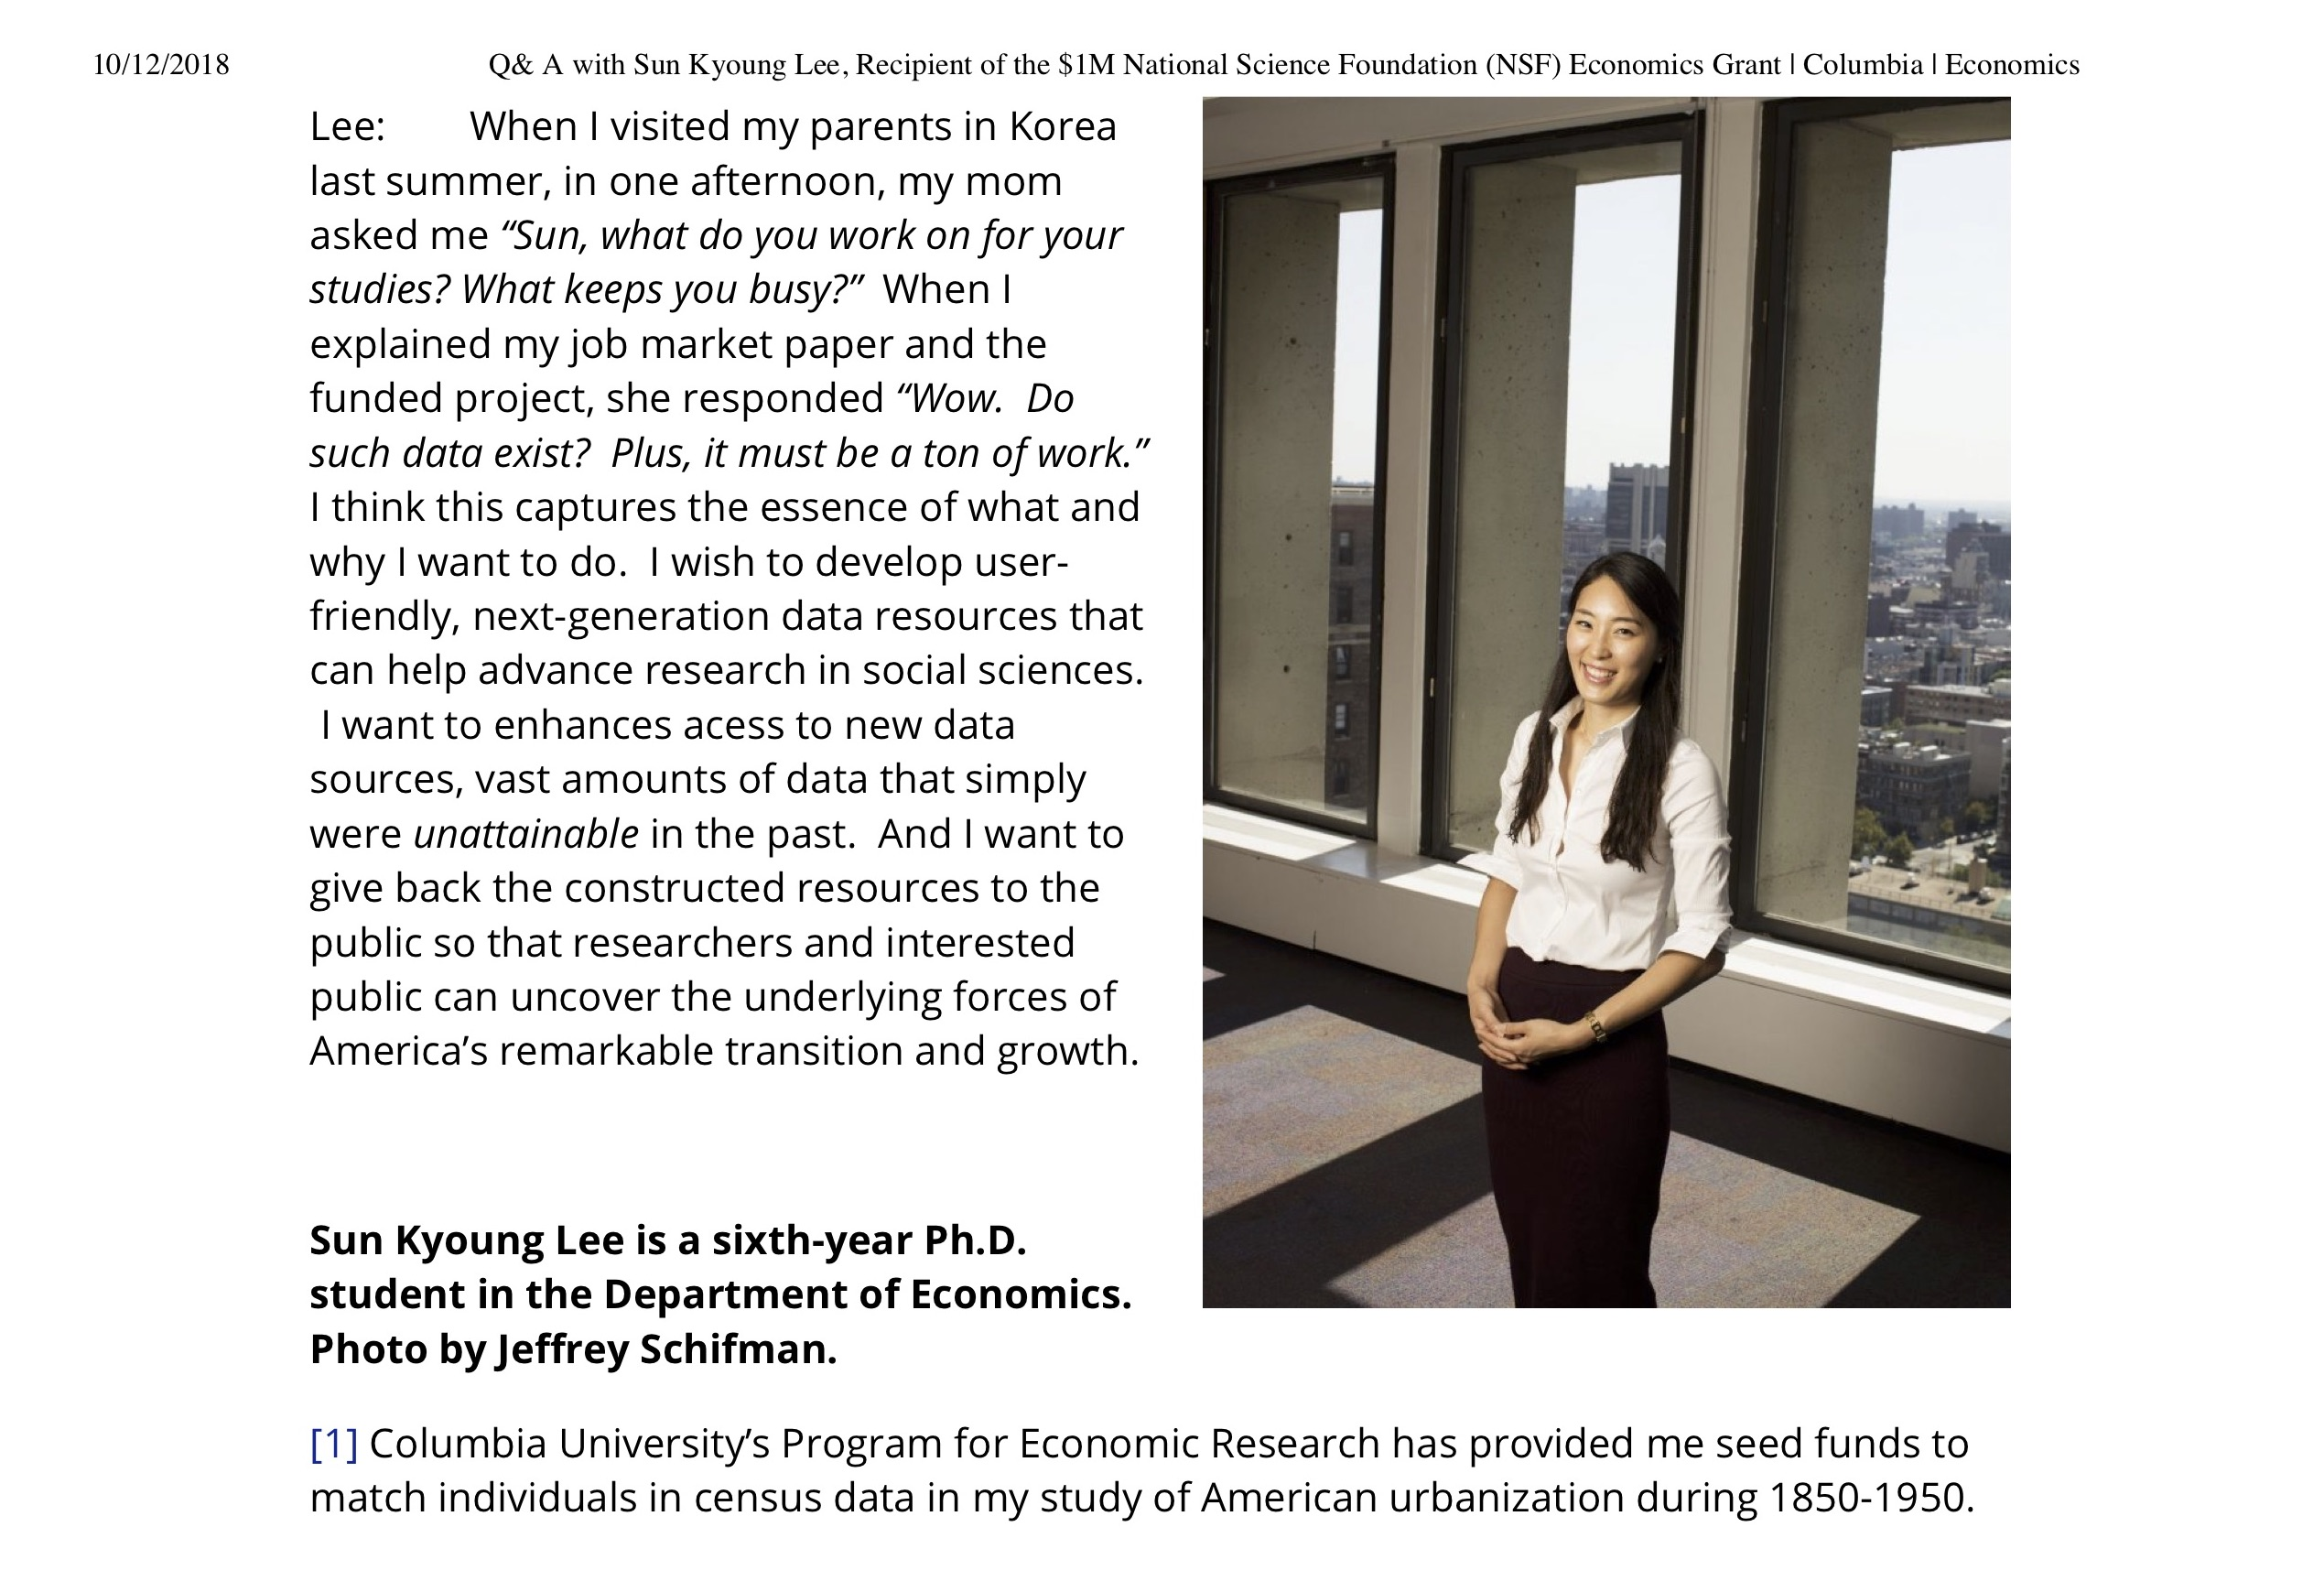 Q-A-with-Sun-Kyoung-Lee-Recipient-of-...Economics-Grant-Columbia-Economics_pp4